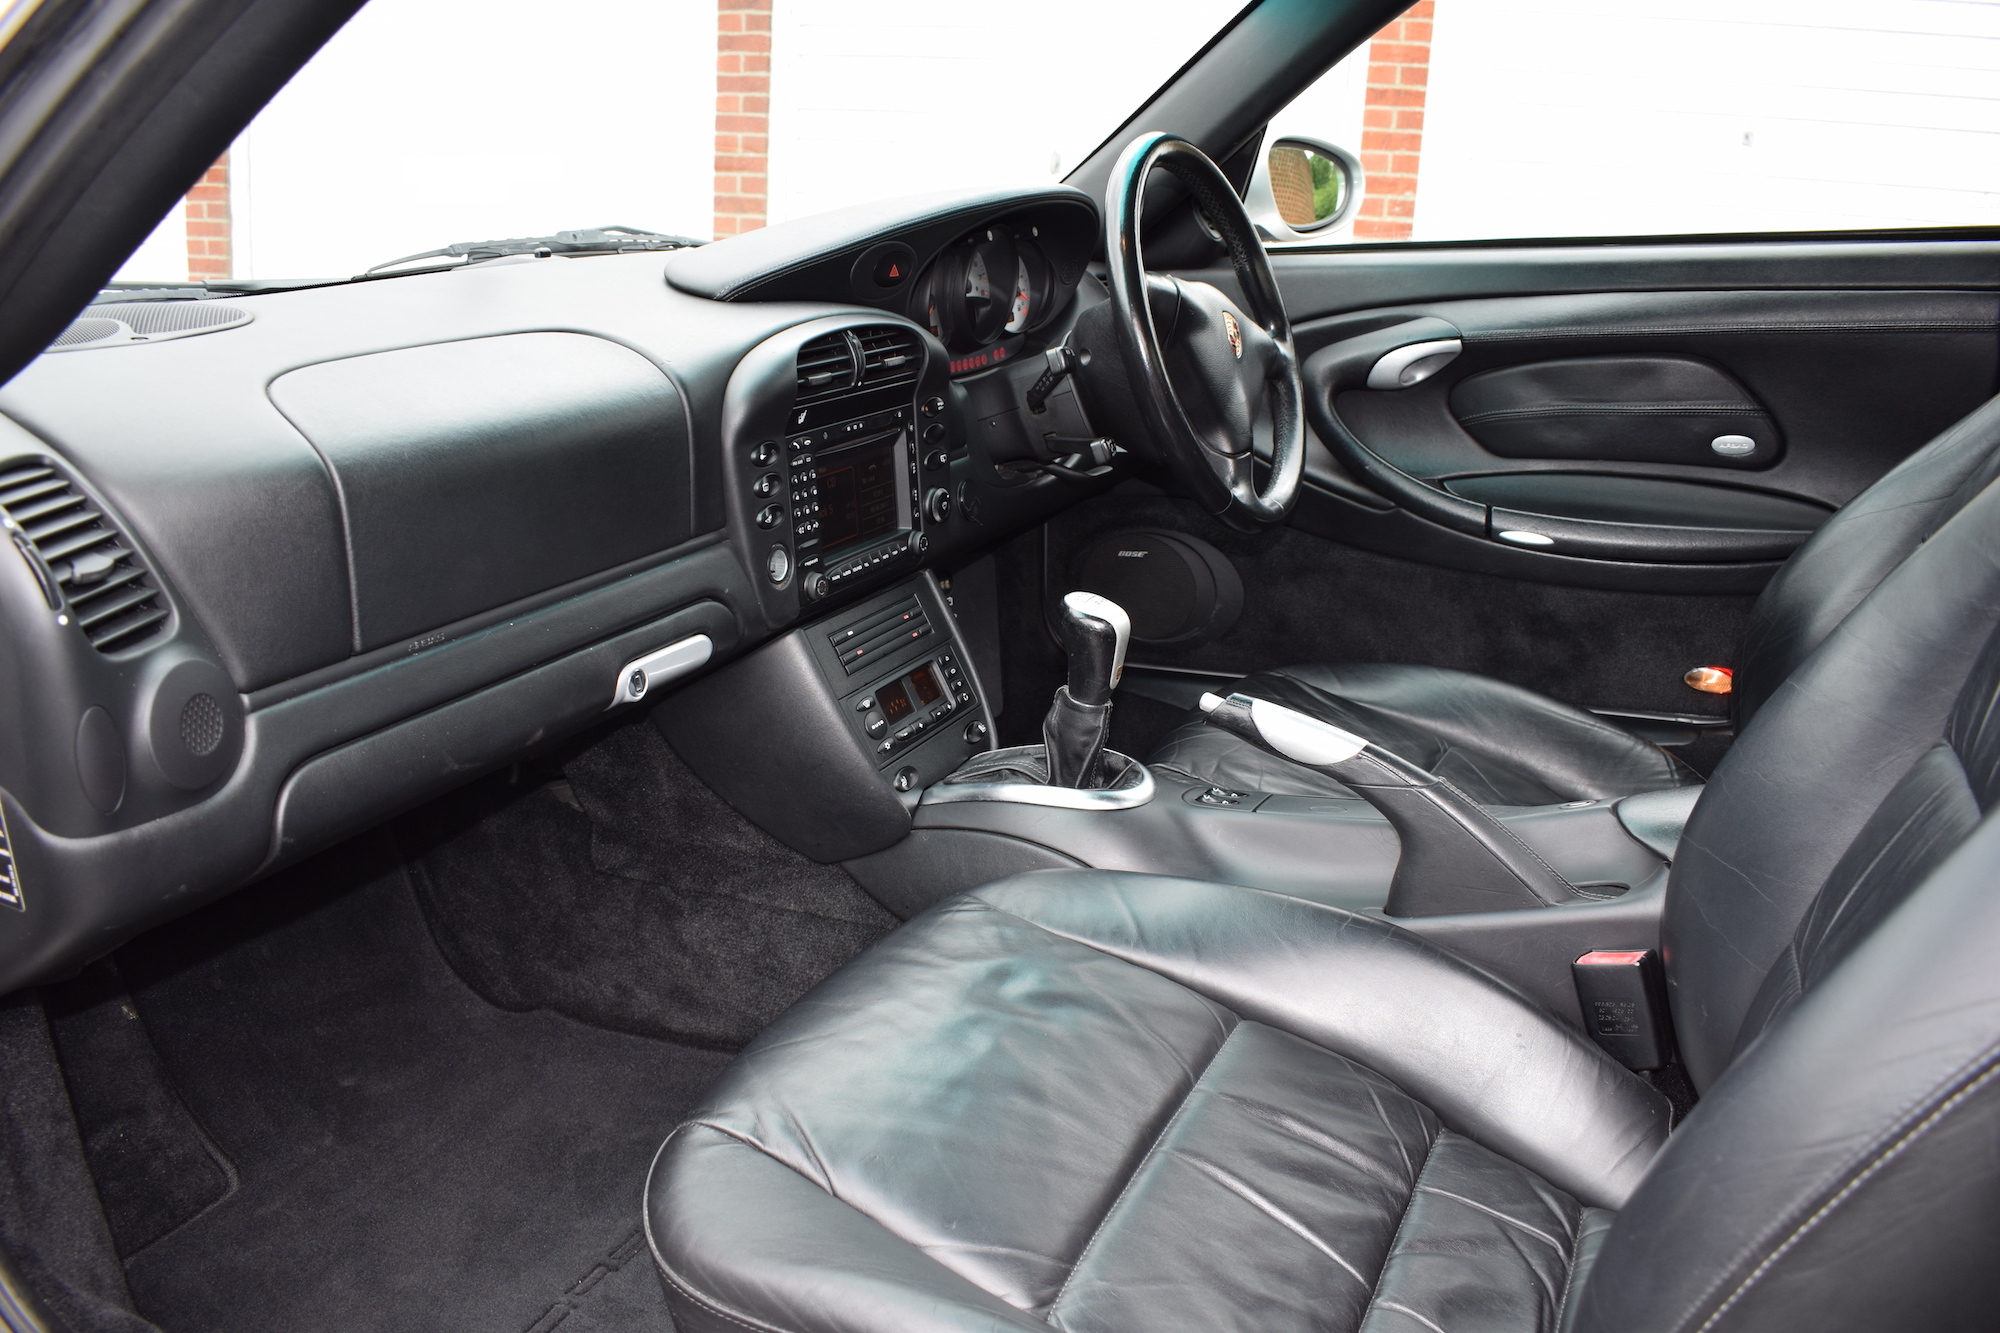 Porsche 996 interior